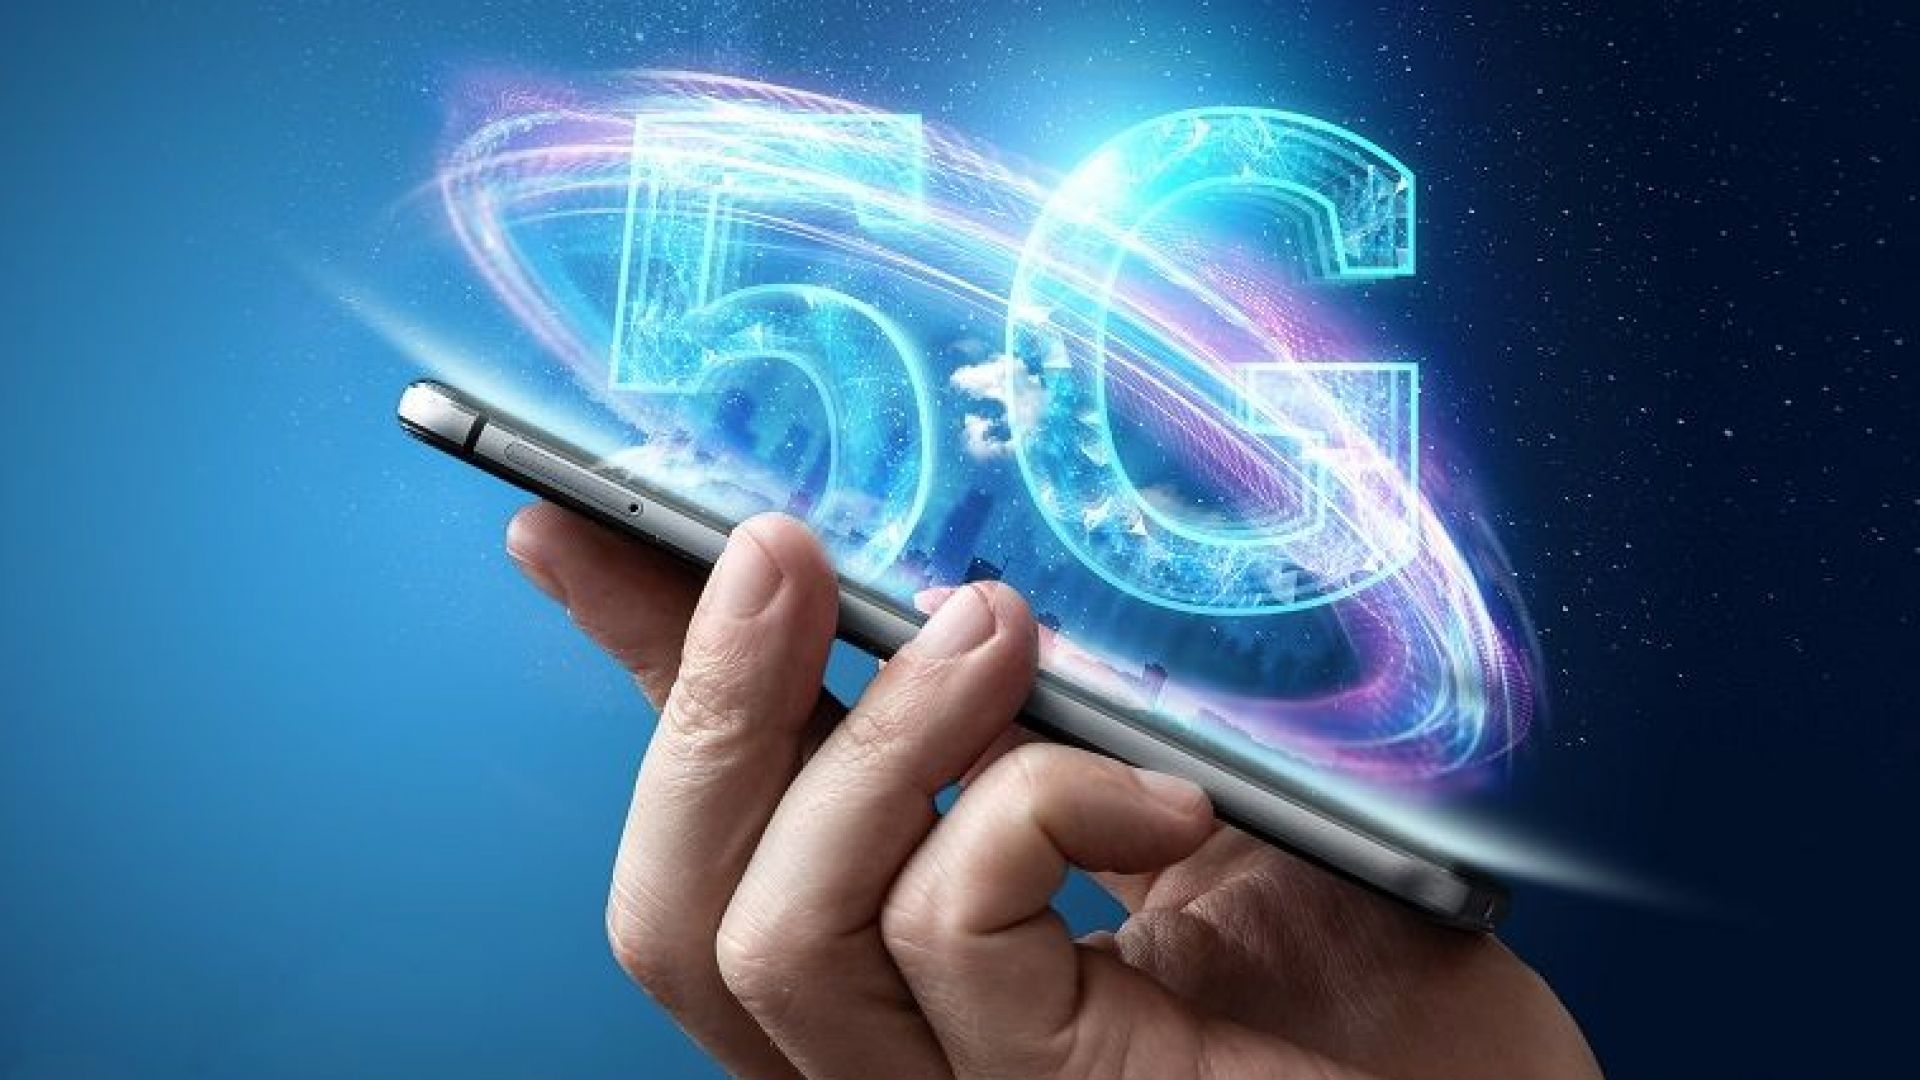 А1 прави 5G по-достъпна с пет нови смартфона, които работят с новата мрежа